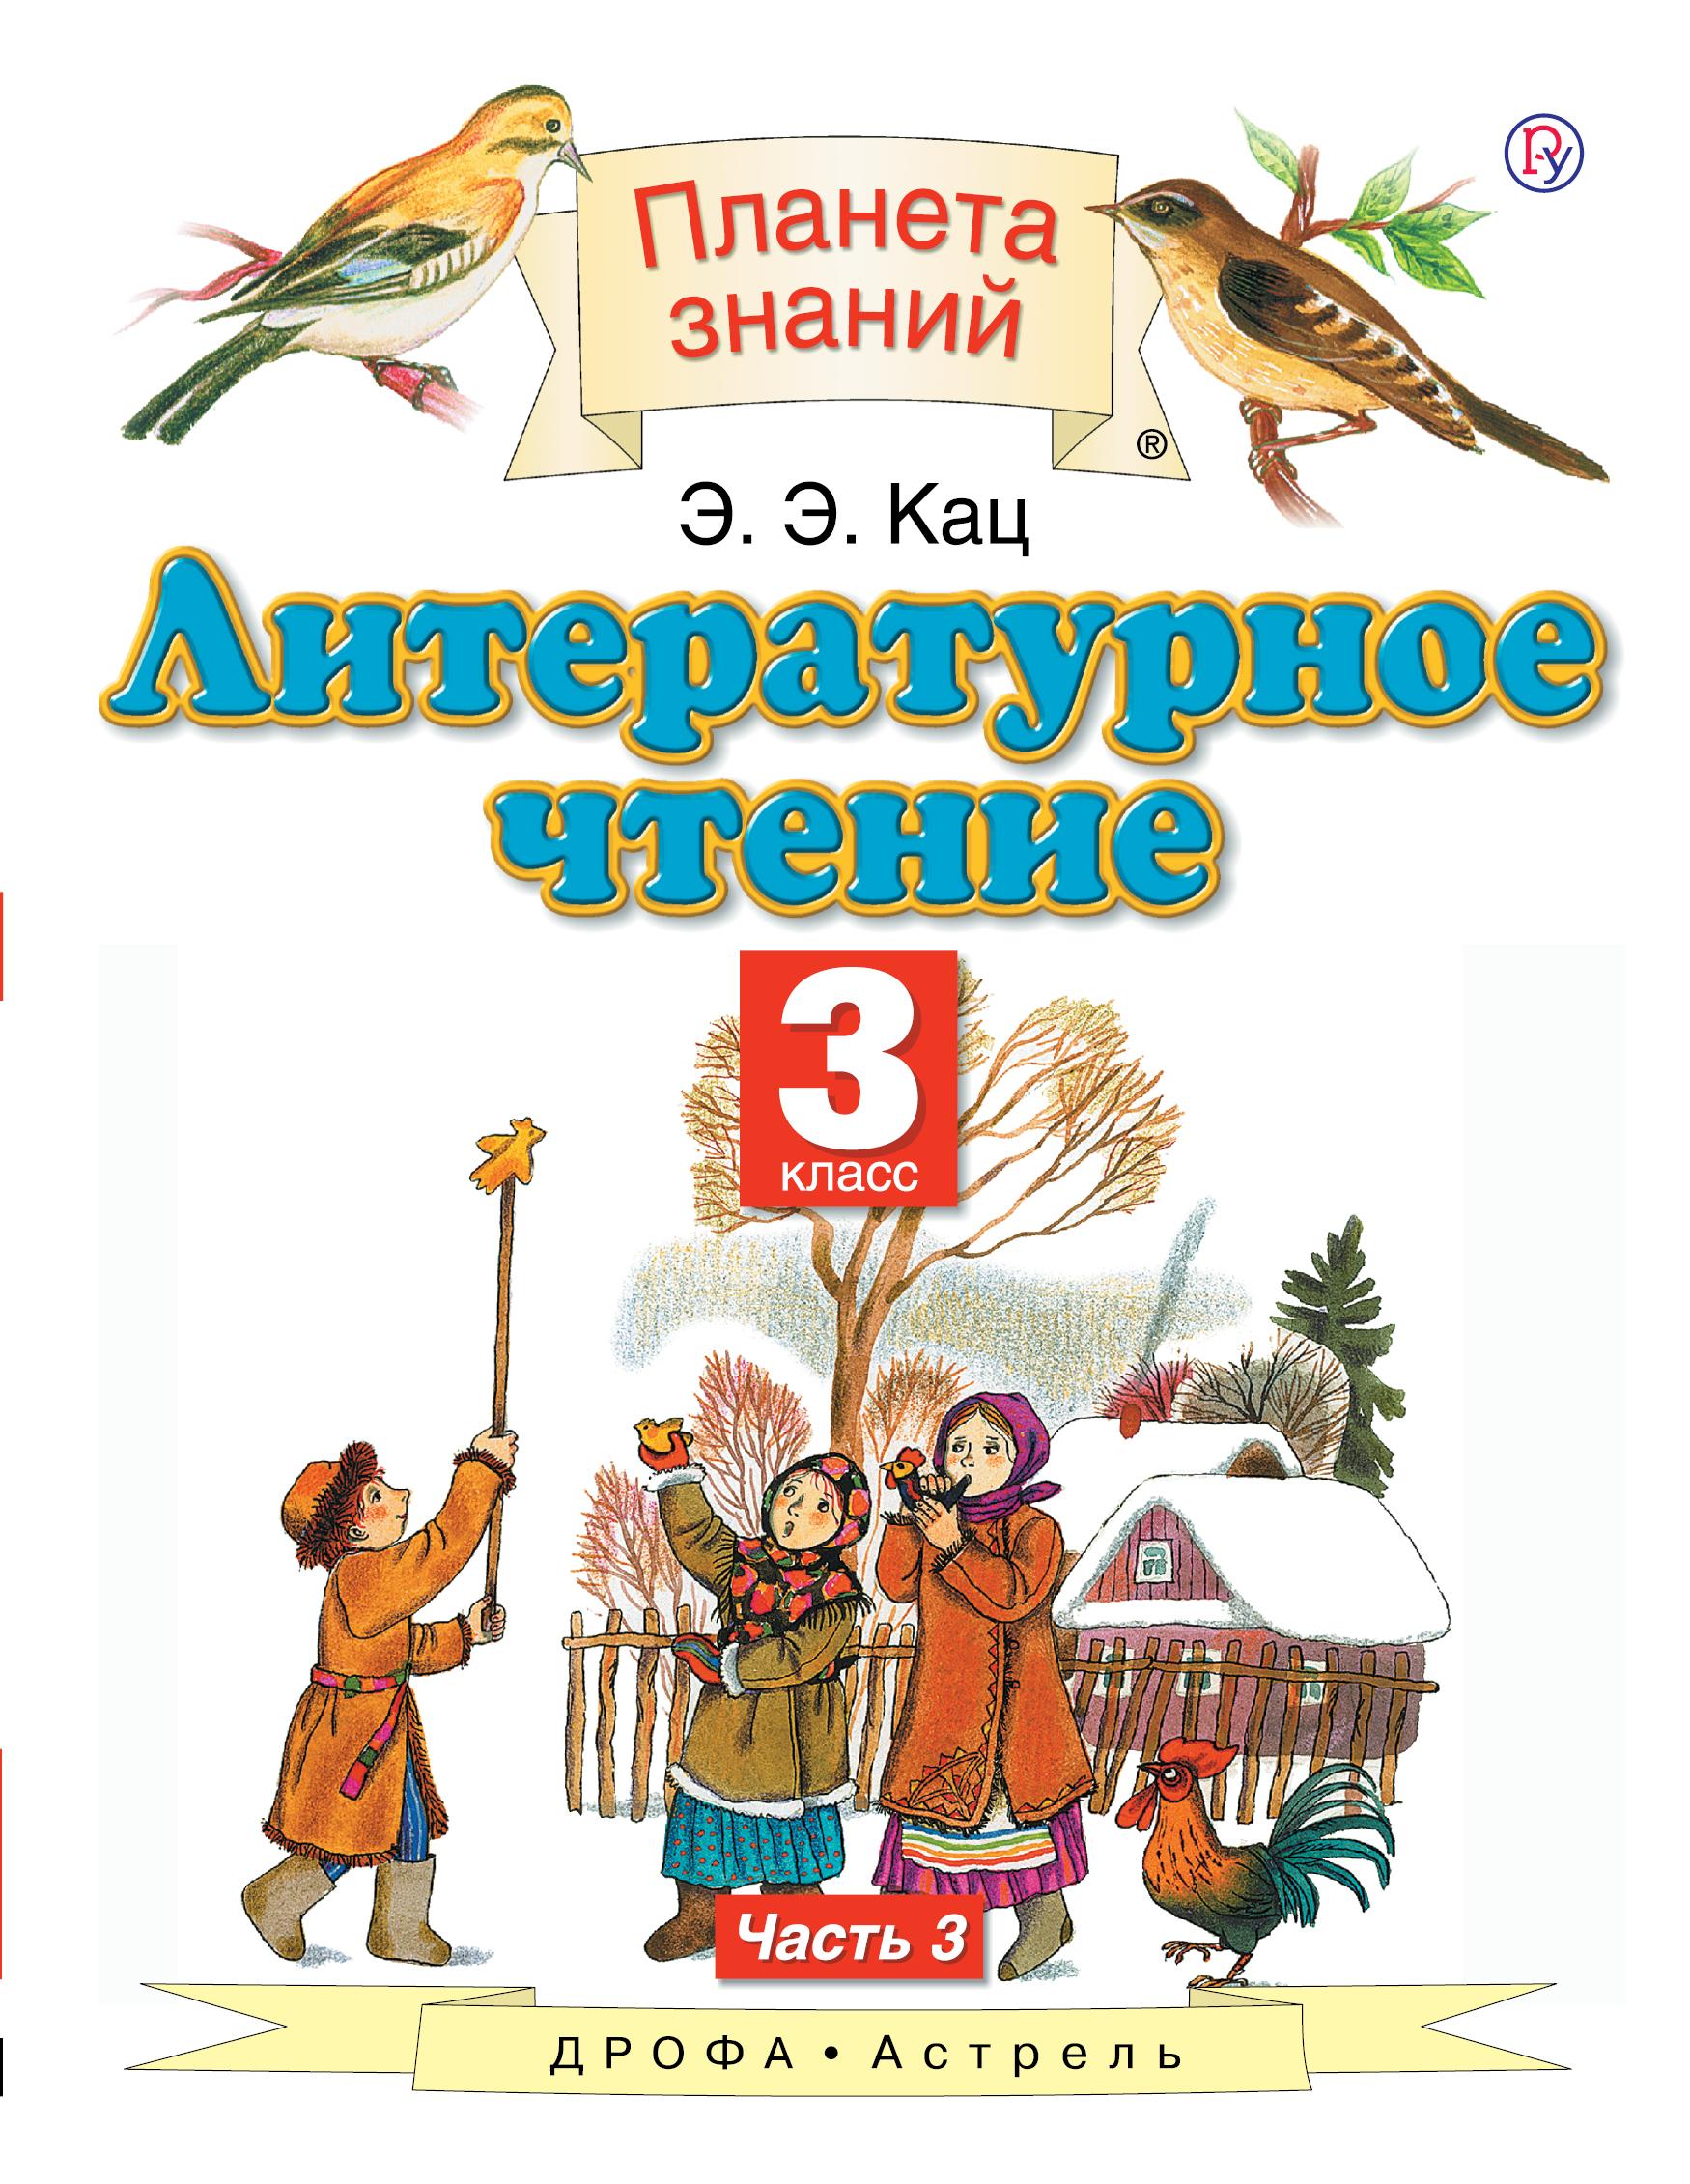 Литературное чтение. 3 класс. В 3-х частях. Часть 3. Учебник, Э. Э. Кац